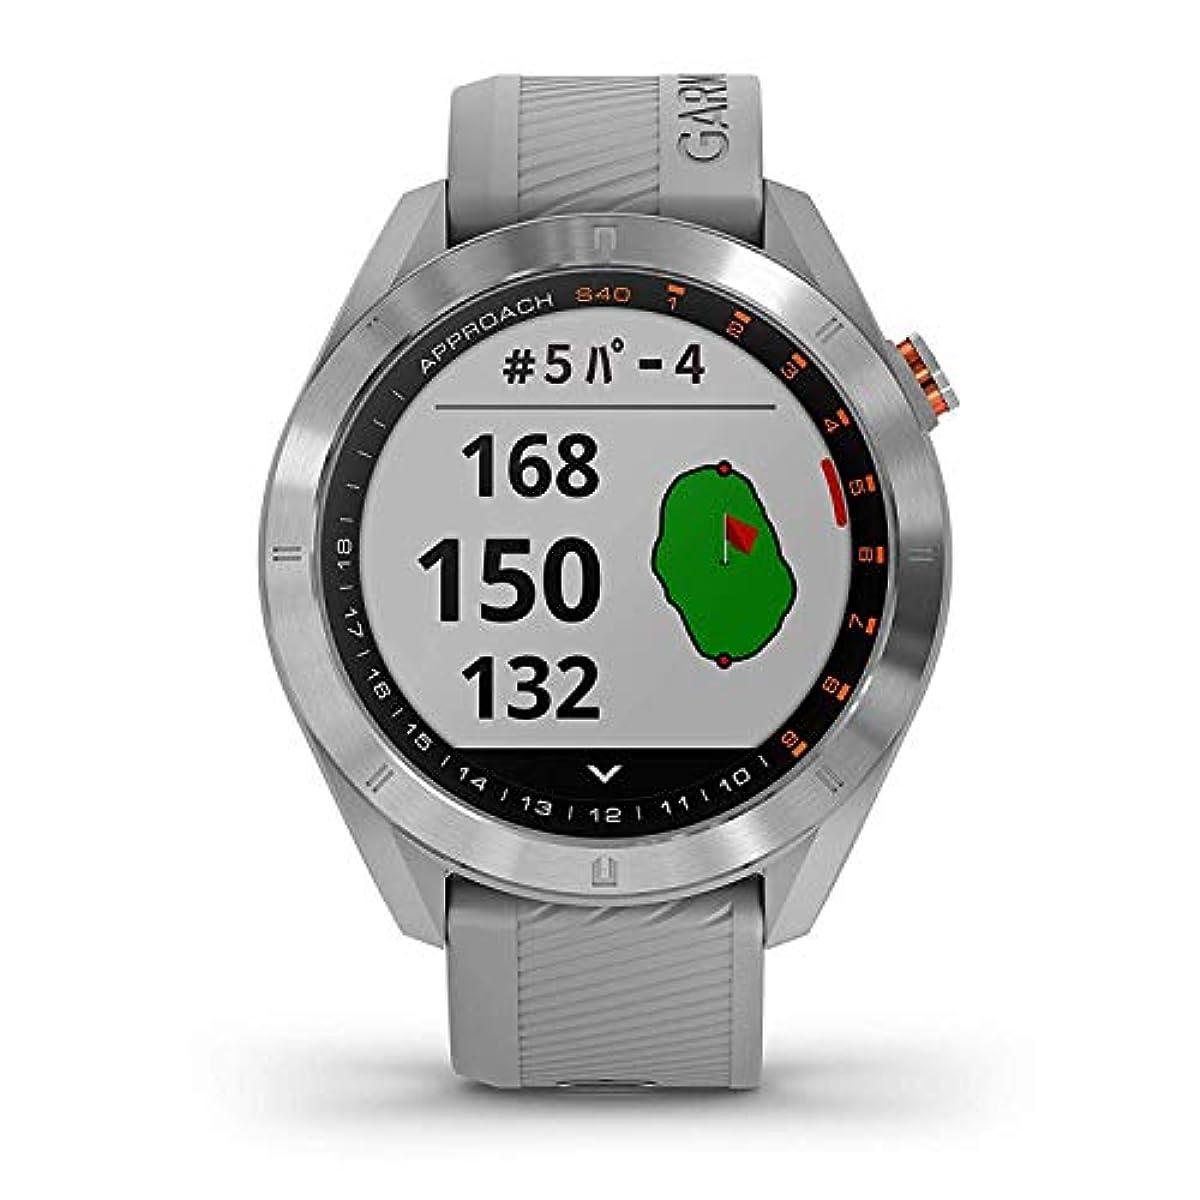 [해외] 가민 골프 네비 GPS APPROACH S40 【일본 정규품】